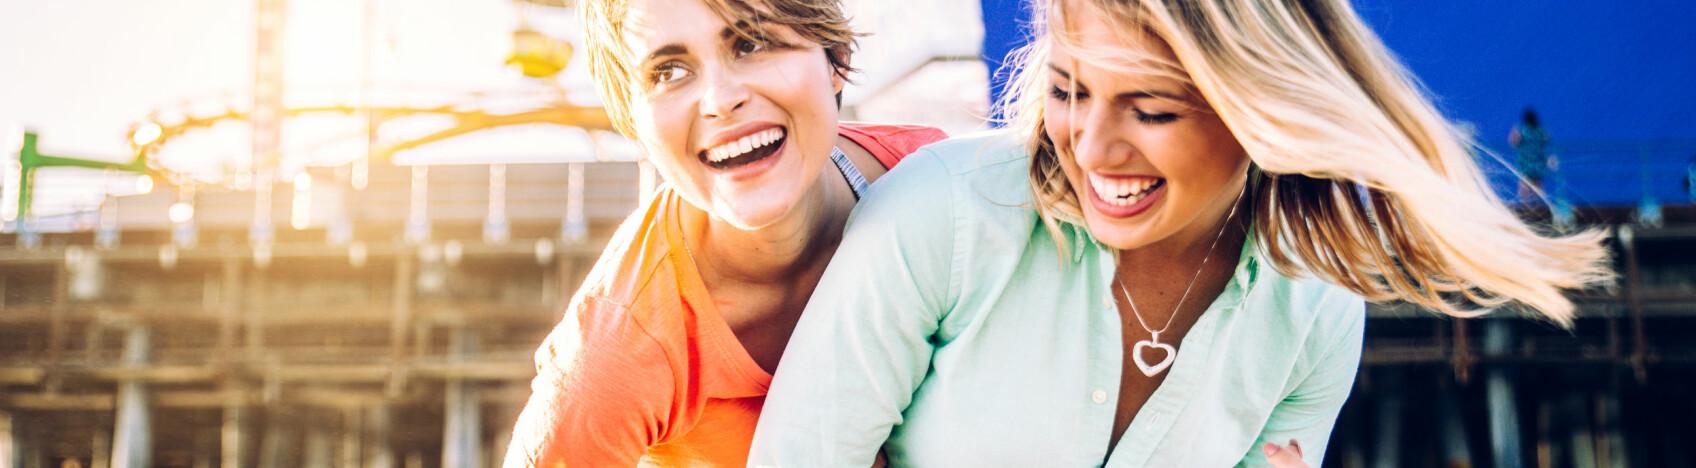 POTENSIELL KJÆRESTE: Her er fem tegn på at sommerflørten er interessert i noe mer. FOTO: Scanpix